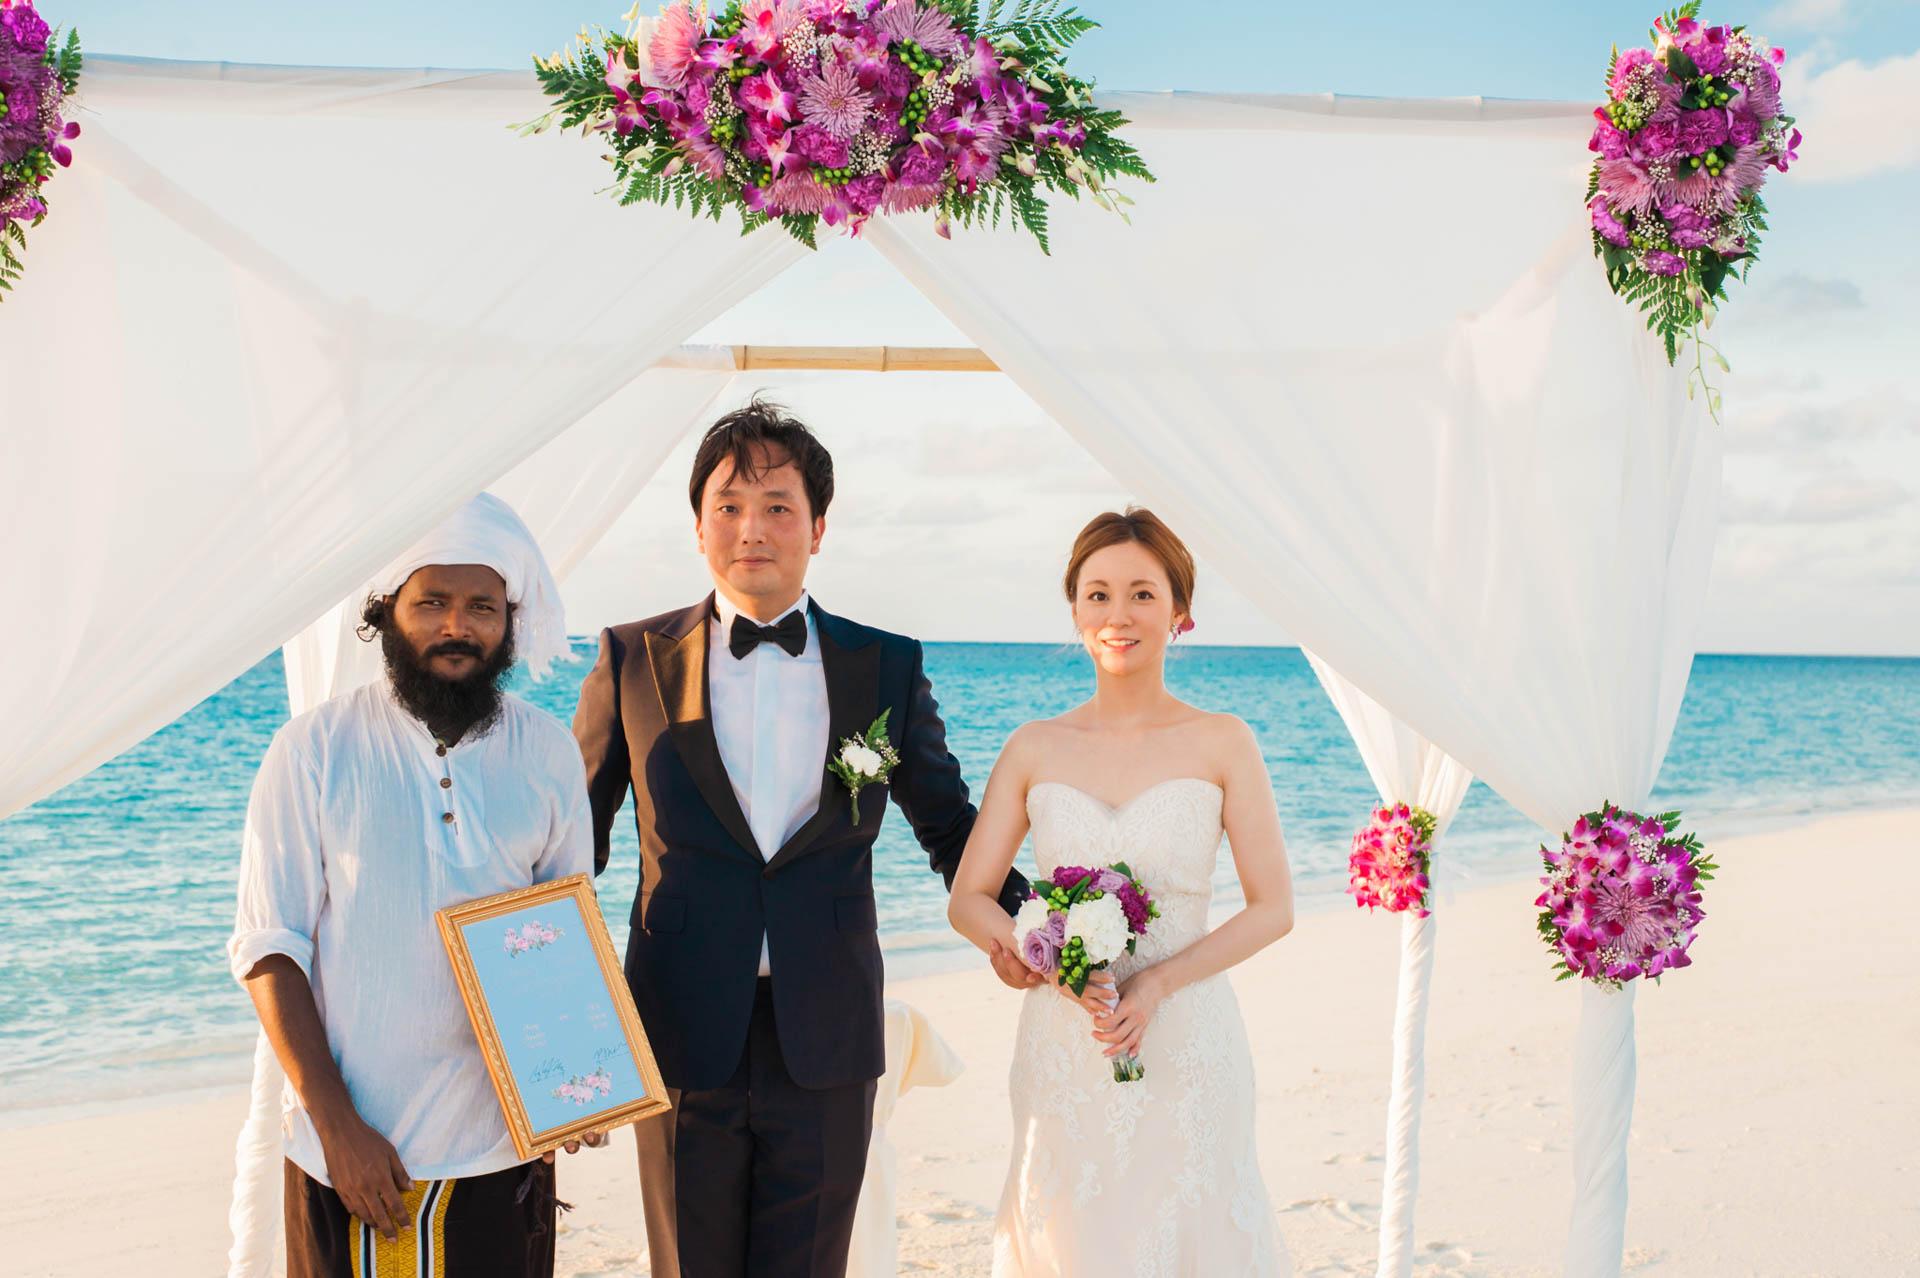 Kang Kim Sand Bank Wedding at St Regis Vommuly Maldives 18